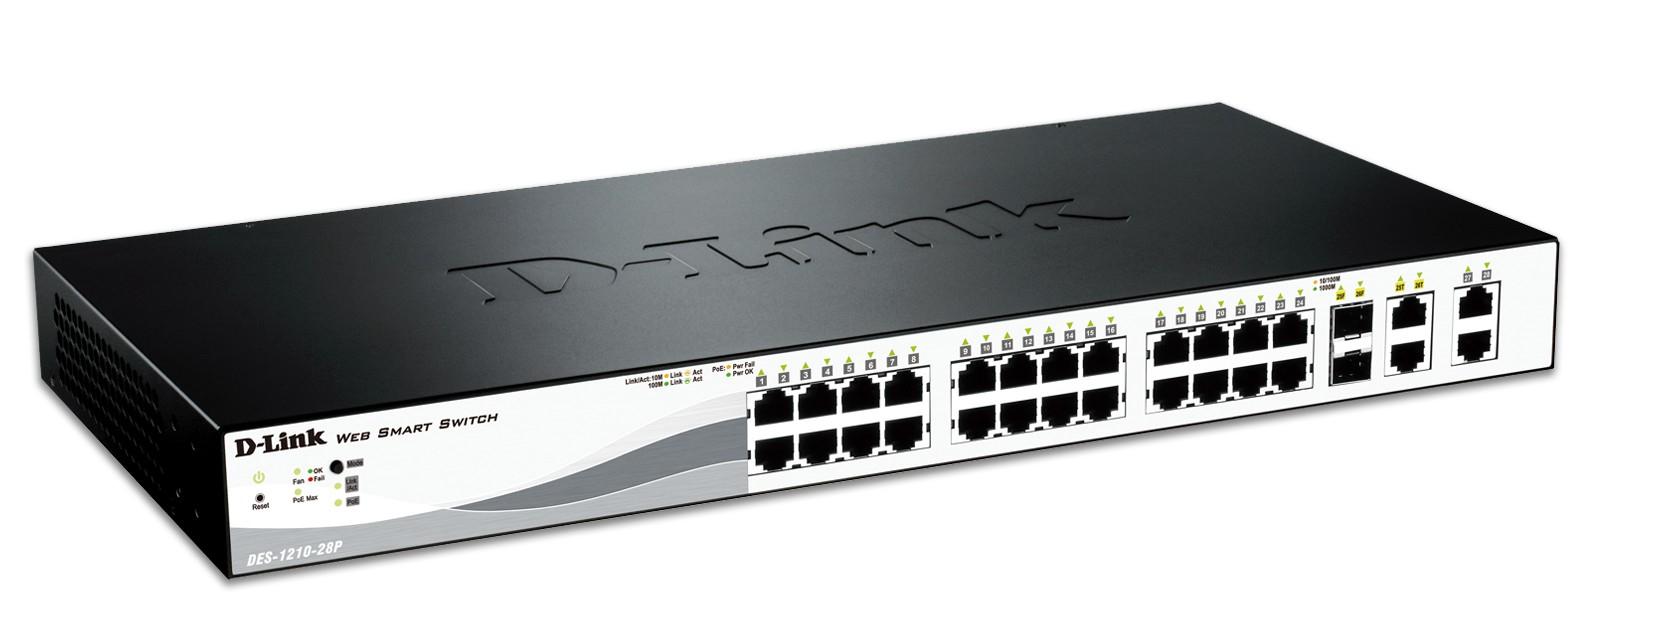 D-Link DES-1210-28P Netzwerk-Switch